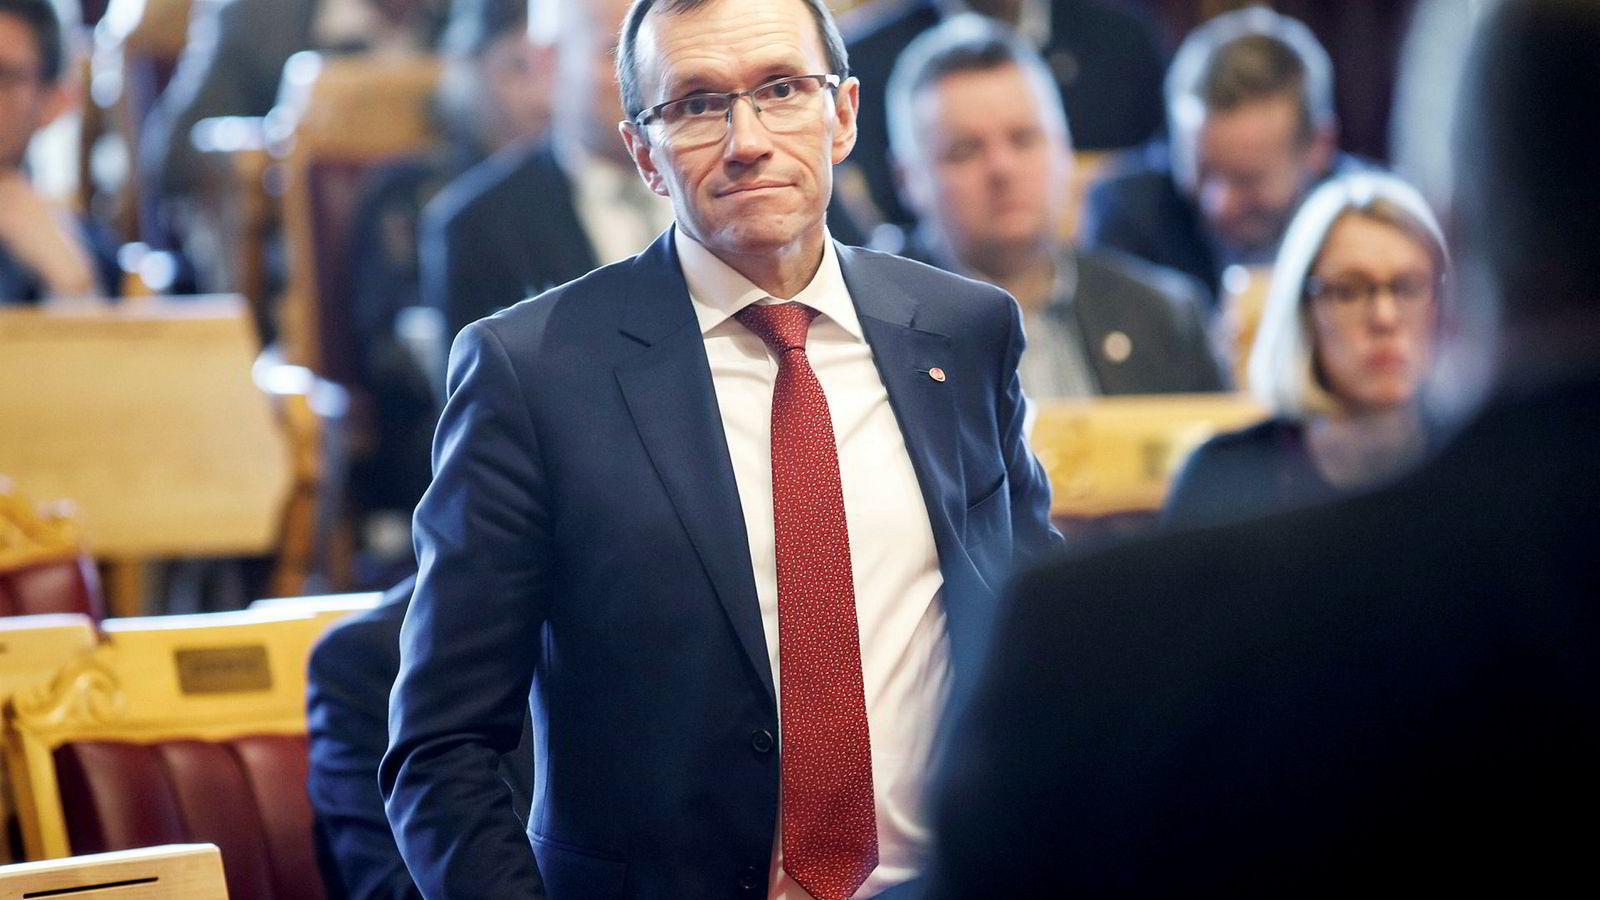 Aps klimapolitiske talsperson Espen Barth Eide forsikrer at Ap skal bli et klimaparti i 2021.